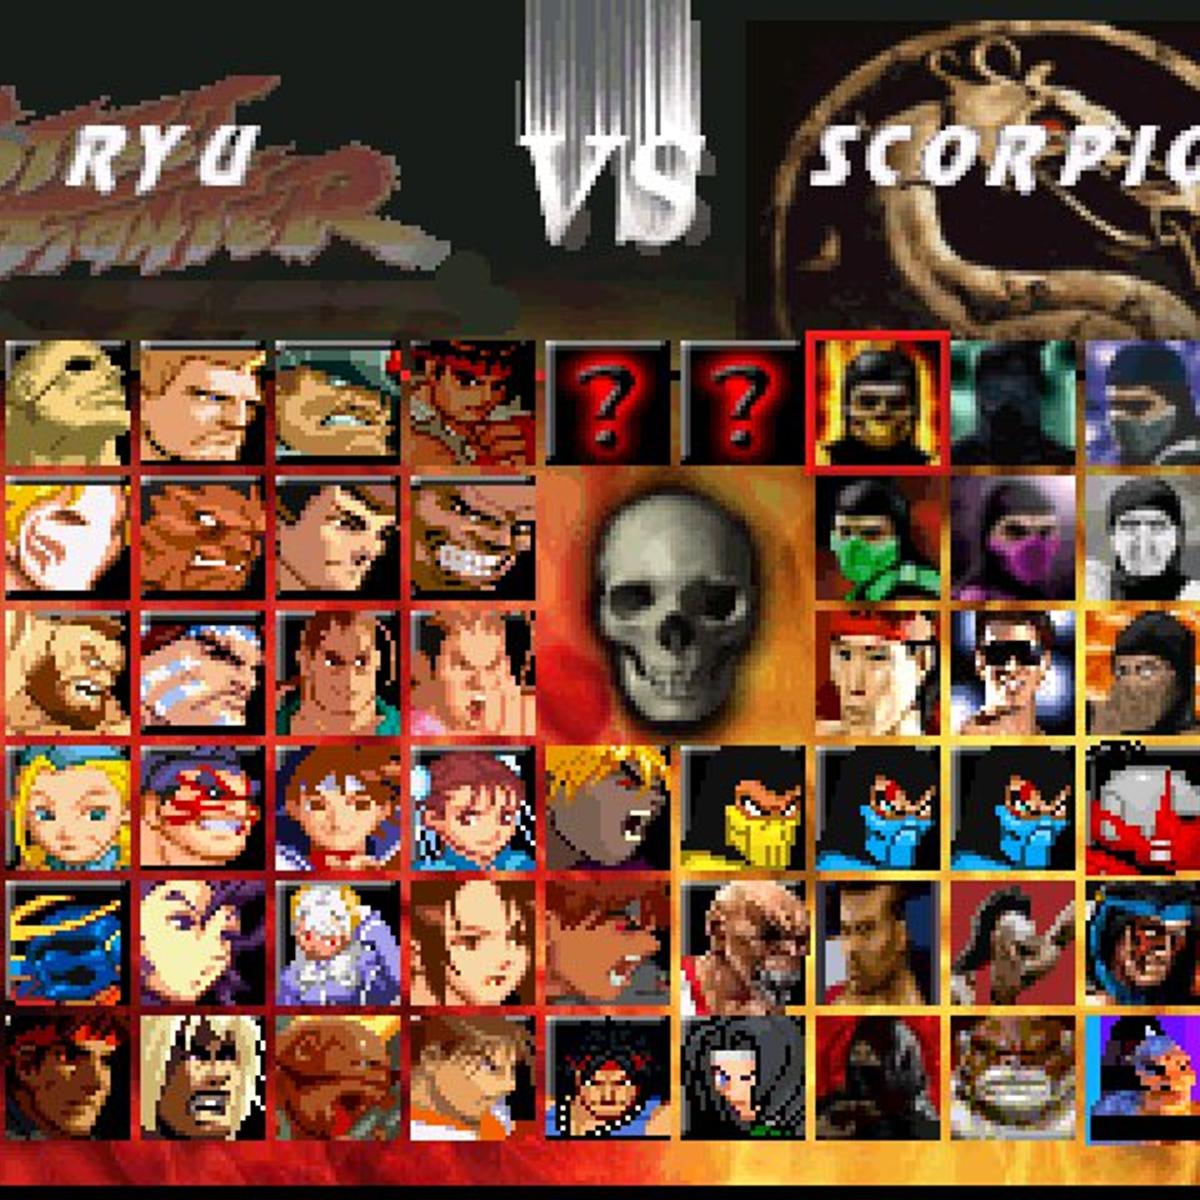 Mortal Kombat Vs Street Fighter Alternatives And Similar Games Alternativeto Net